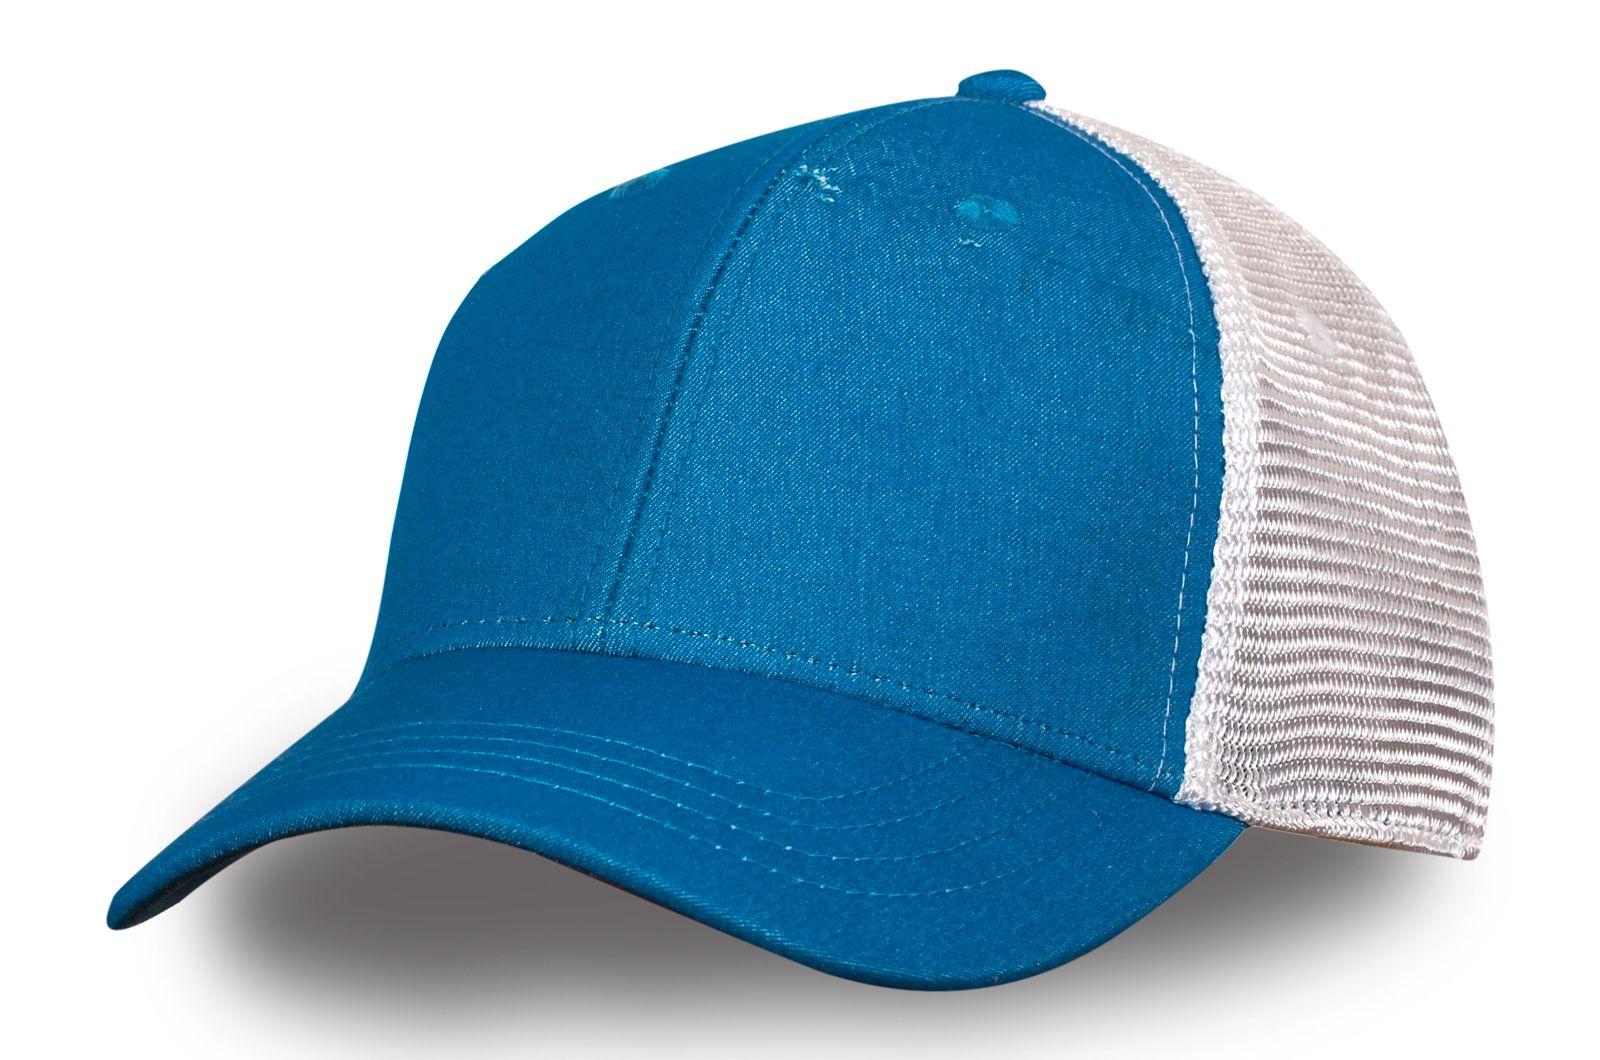 Сетчатая бейсболка сине-белая - купить в интернет-магазине